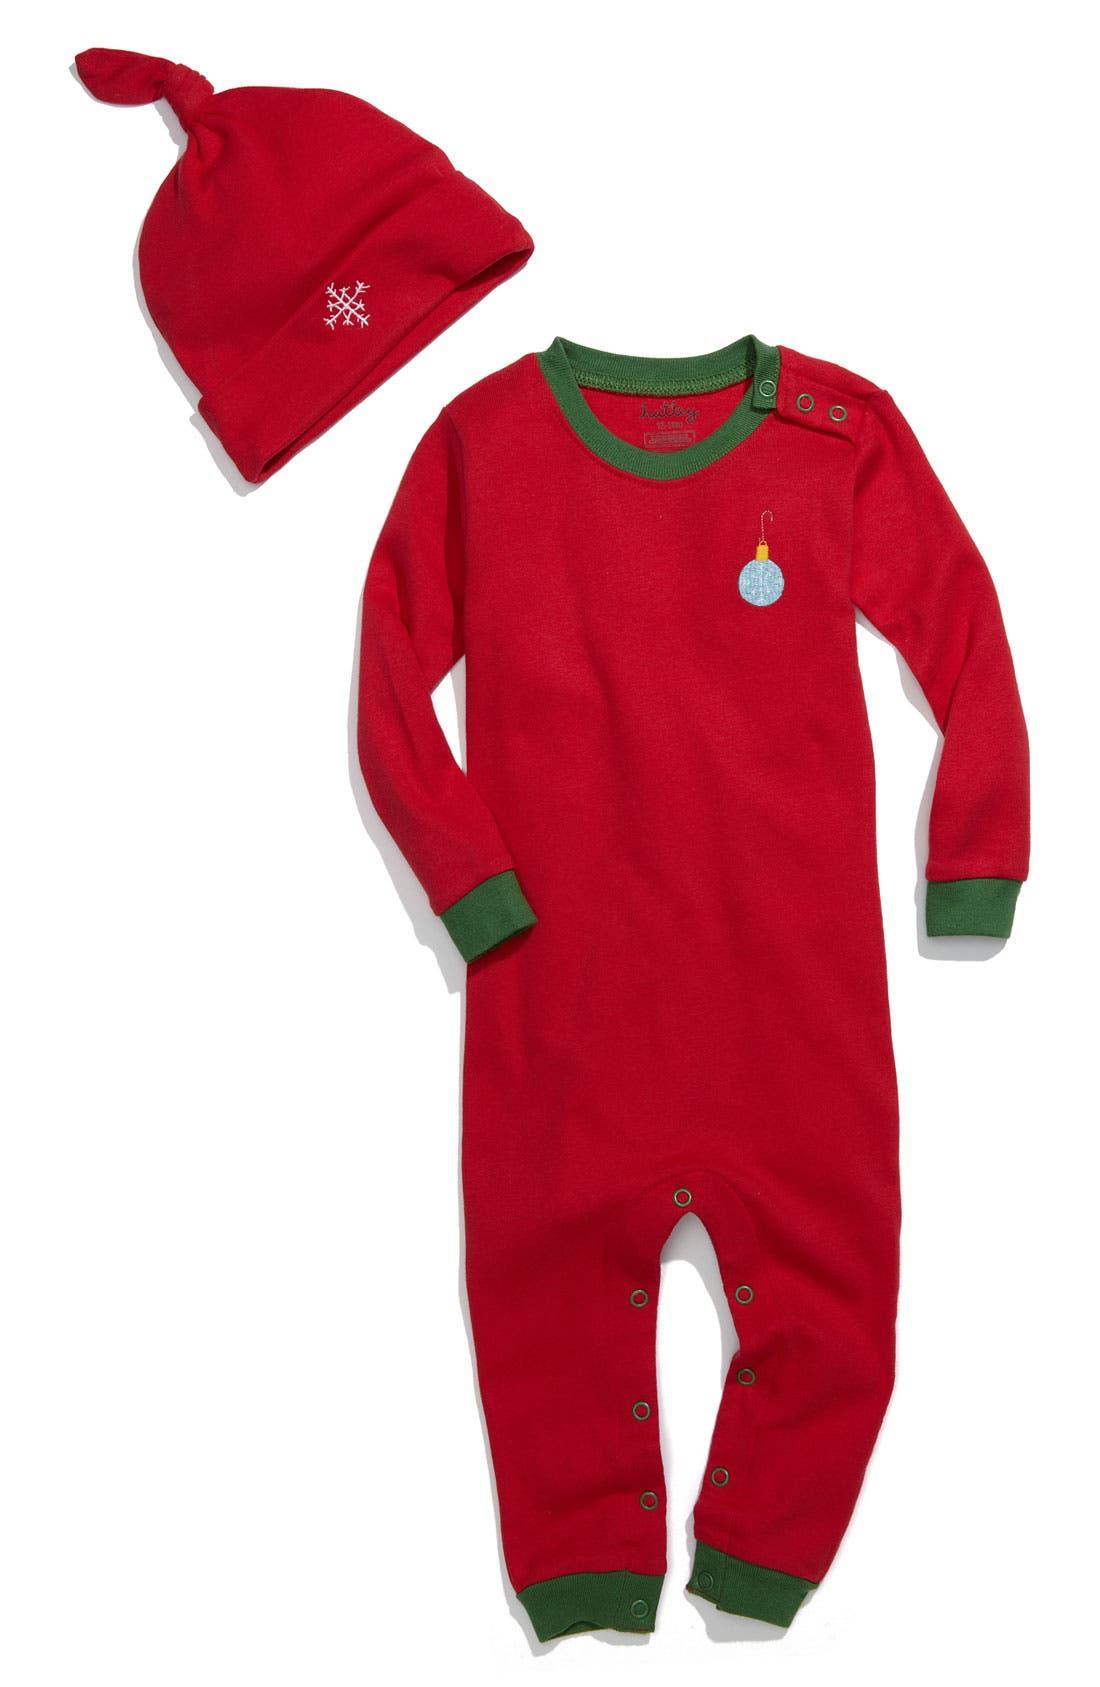 Alternate Image 1 Selected - Hatley Fitted Romper & Hat Set (Infant)